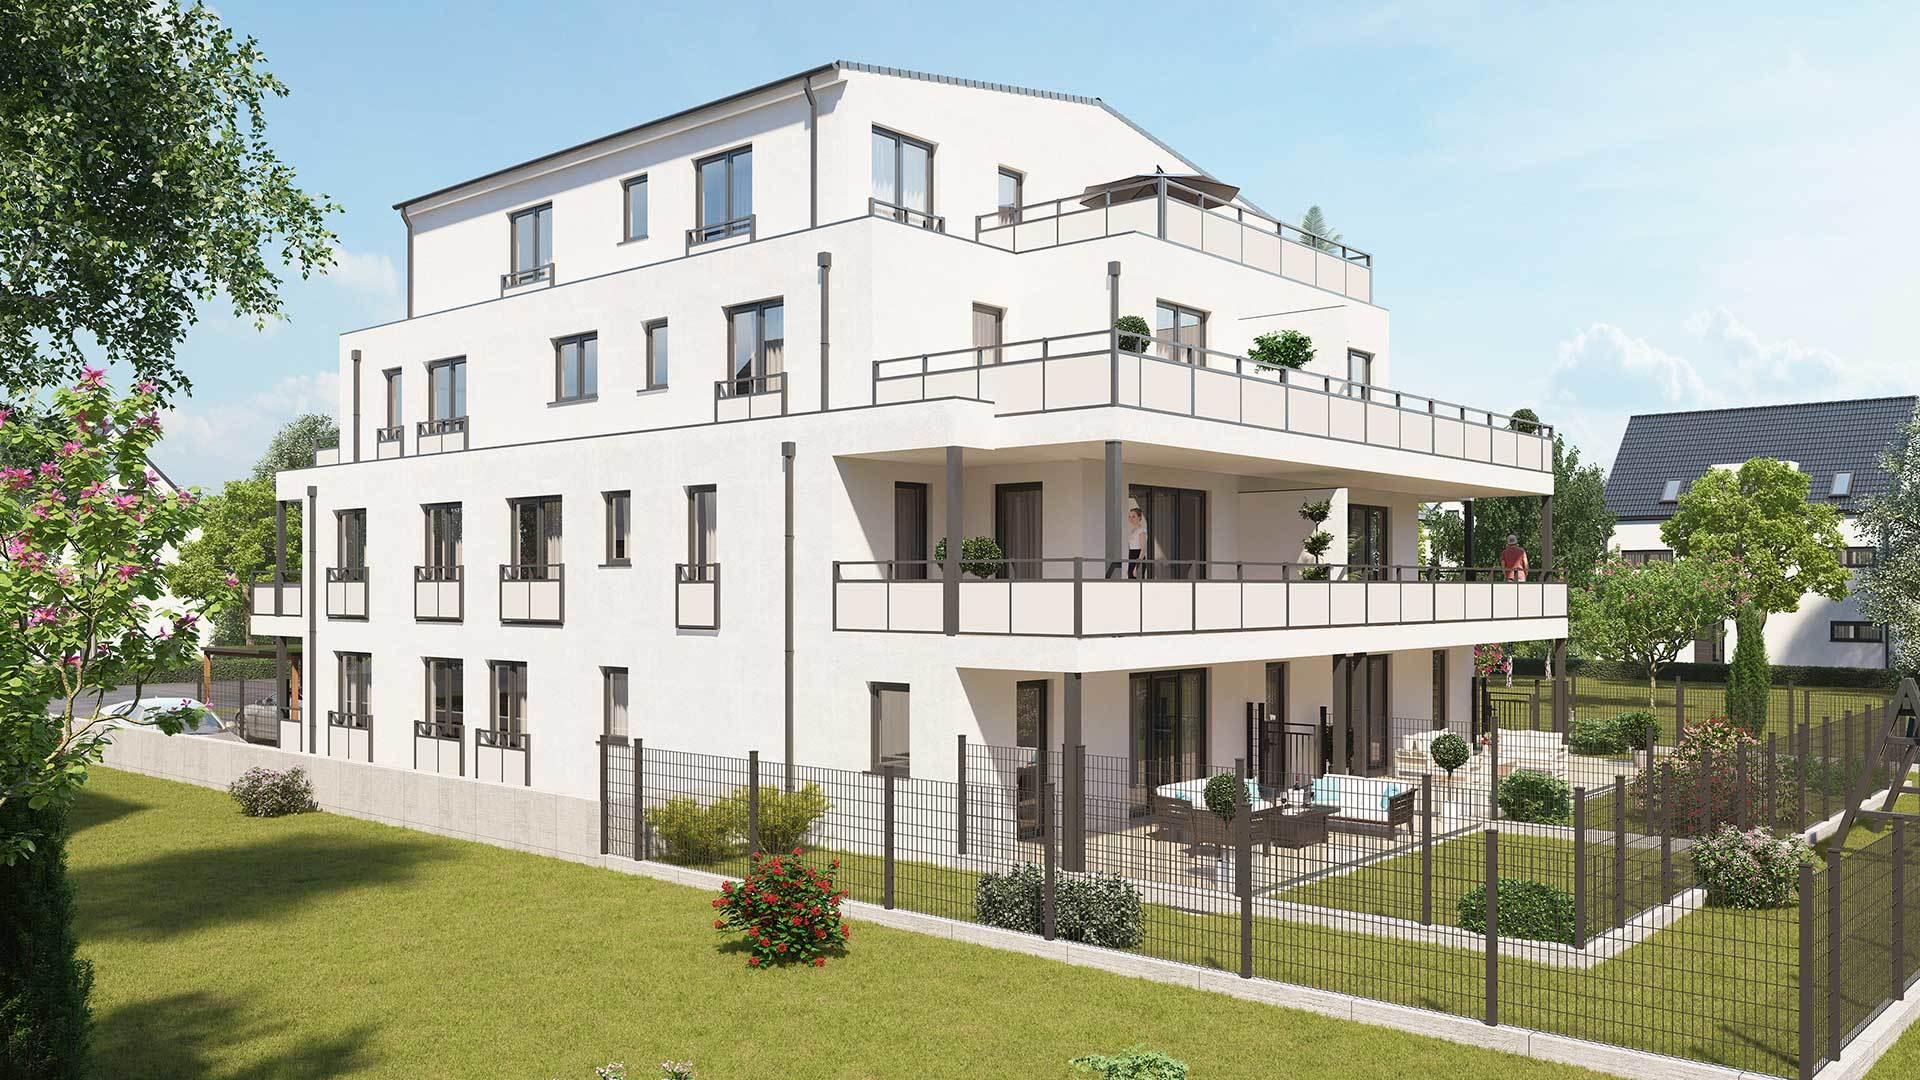 Stille-Immobilien-Uerdinger-Str.-790-Ideal-für-Senioren-Moderne-Gartenwohnung-4